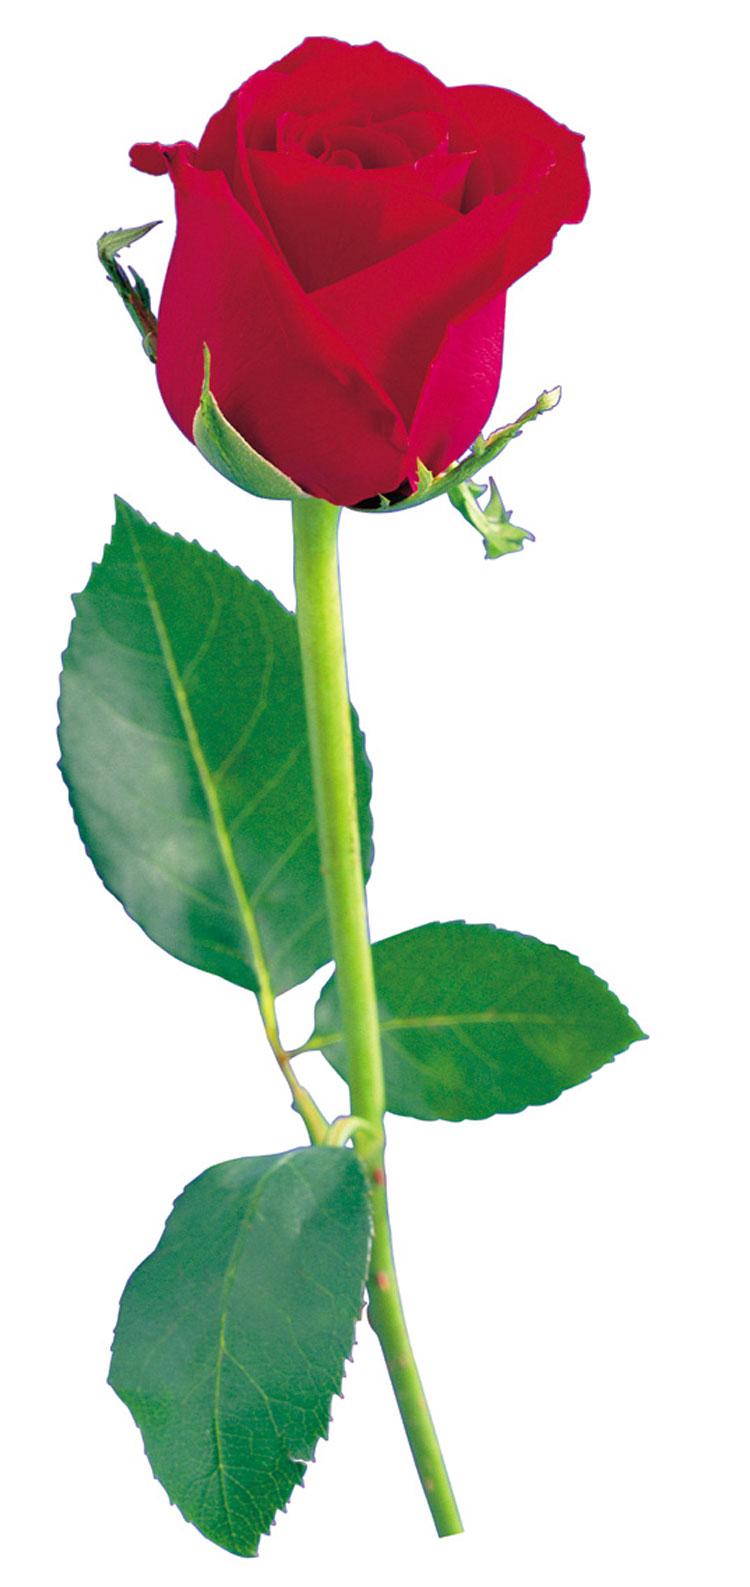 Цветок перовския фото посадка и уход в цветнике  Сайт о